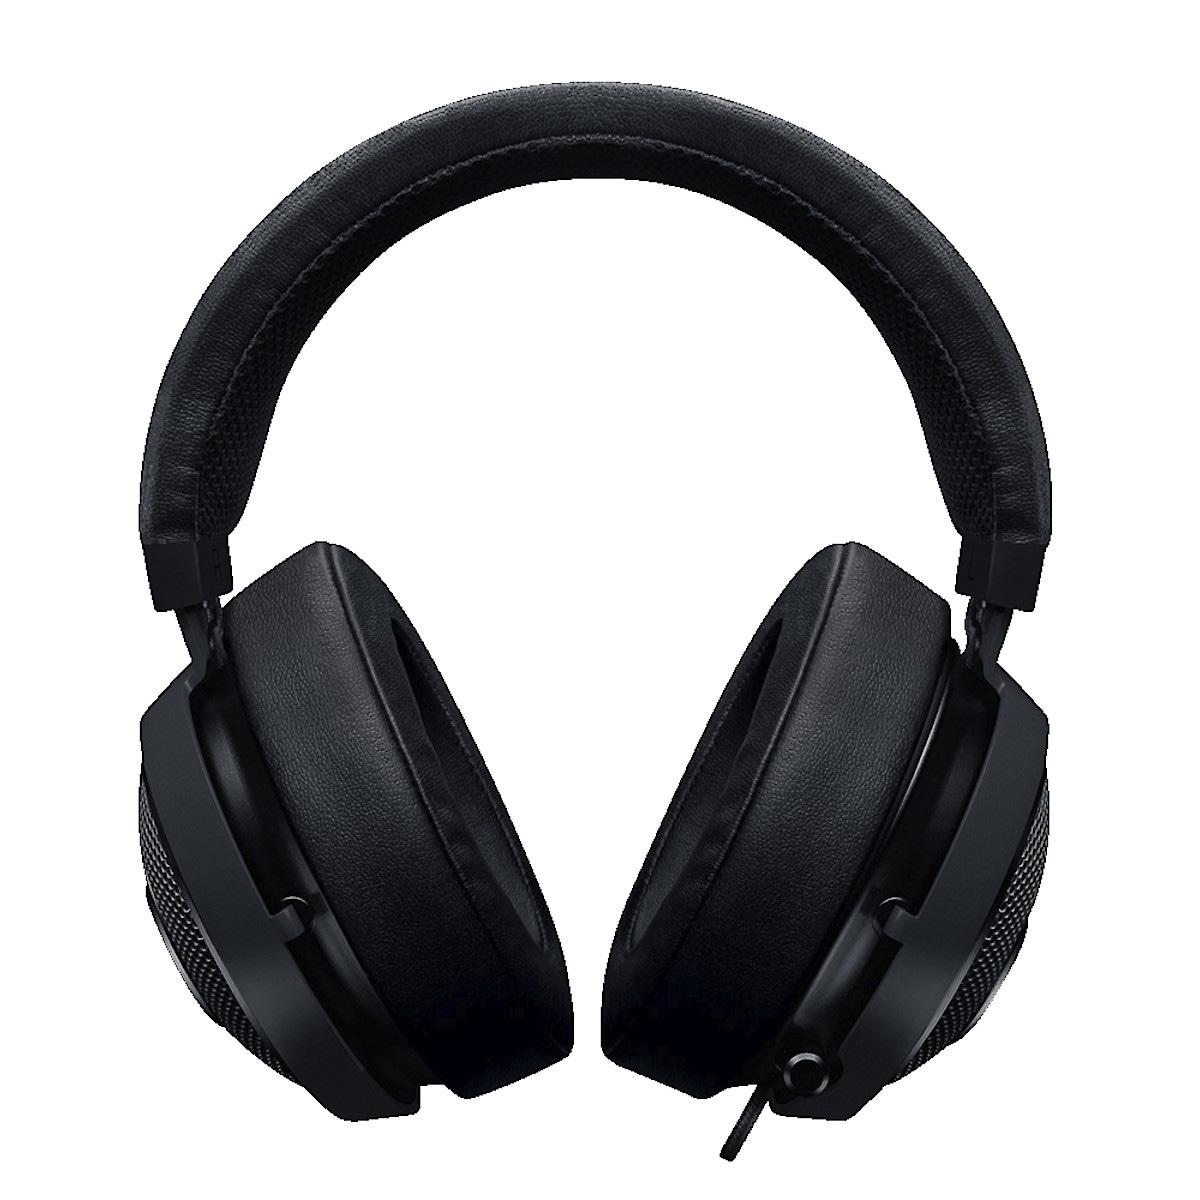 Gaming-headset Razer Kraken 7.1 V2